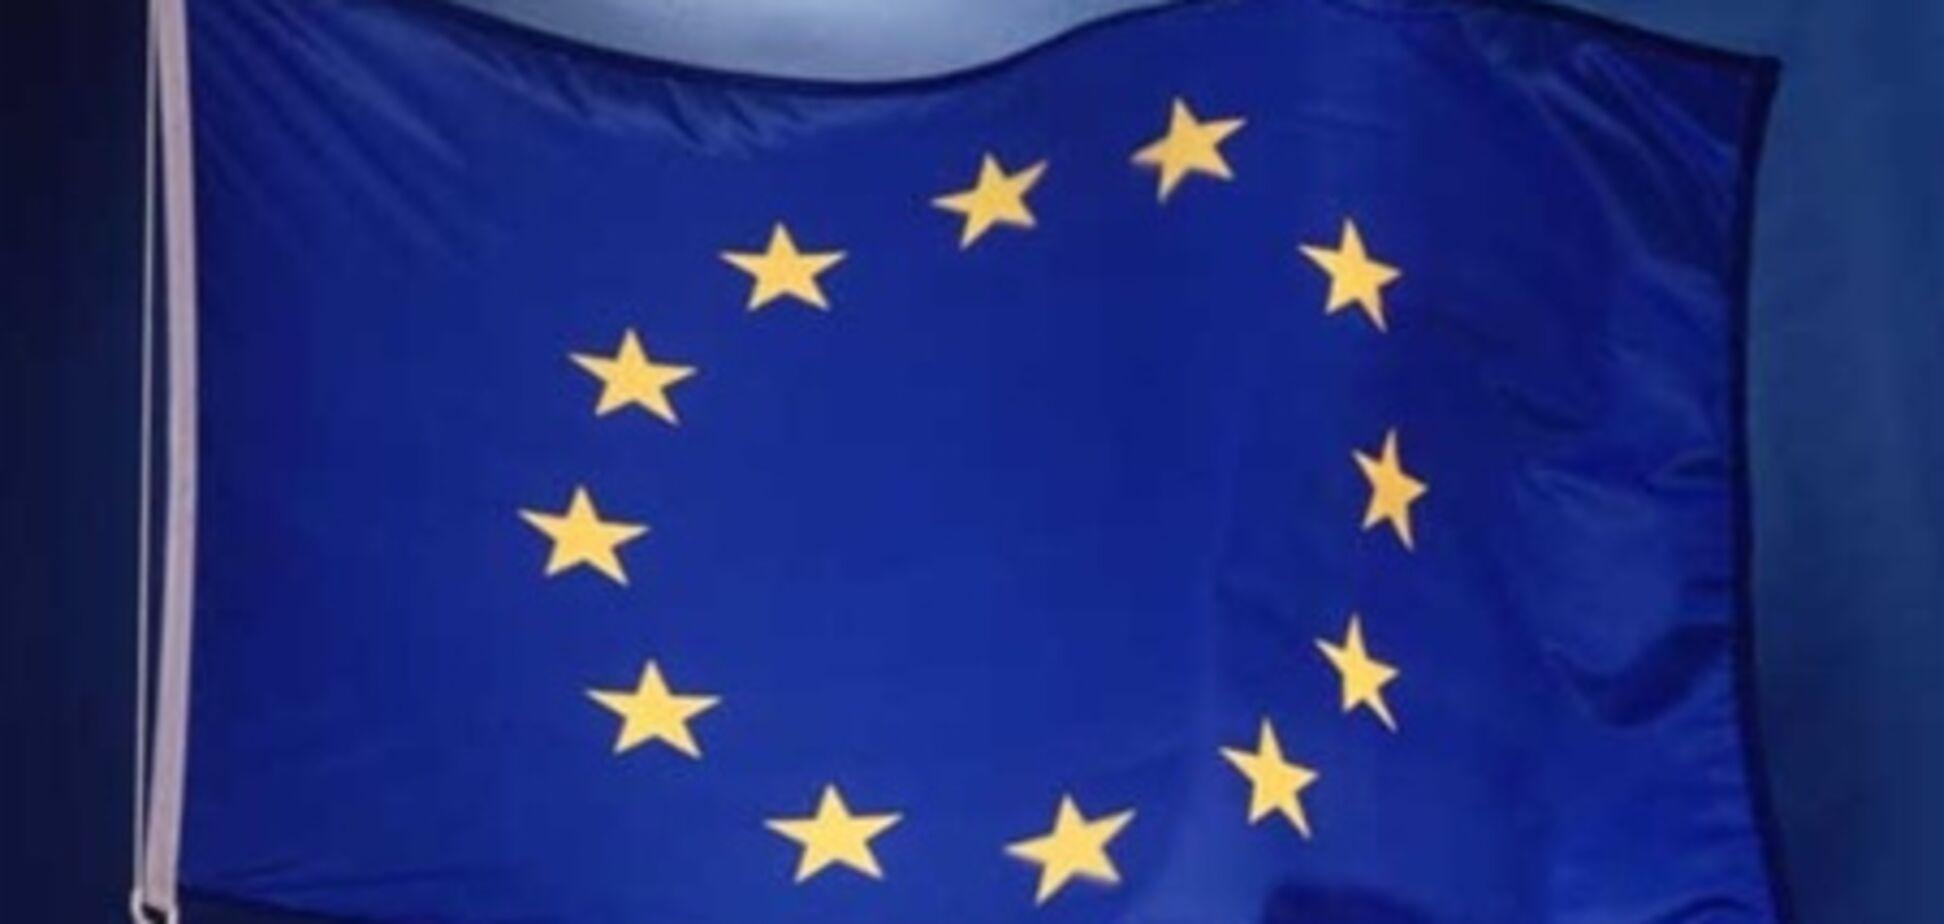 Свое решение по делу ЮКОСа Европа объявит 20 сентября